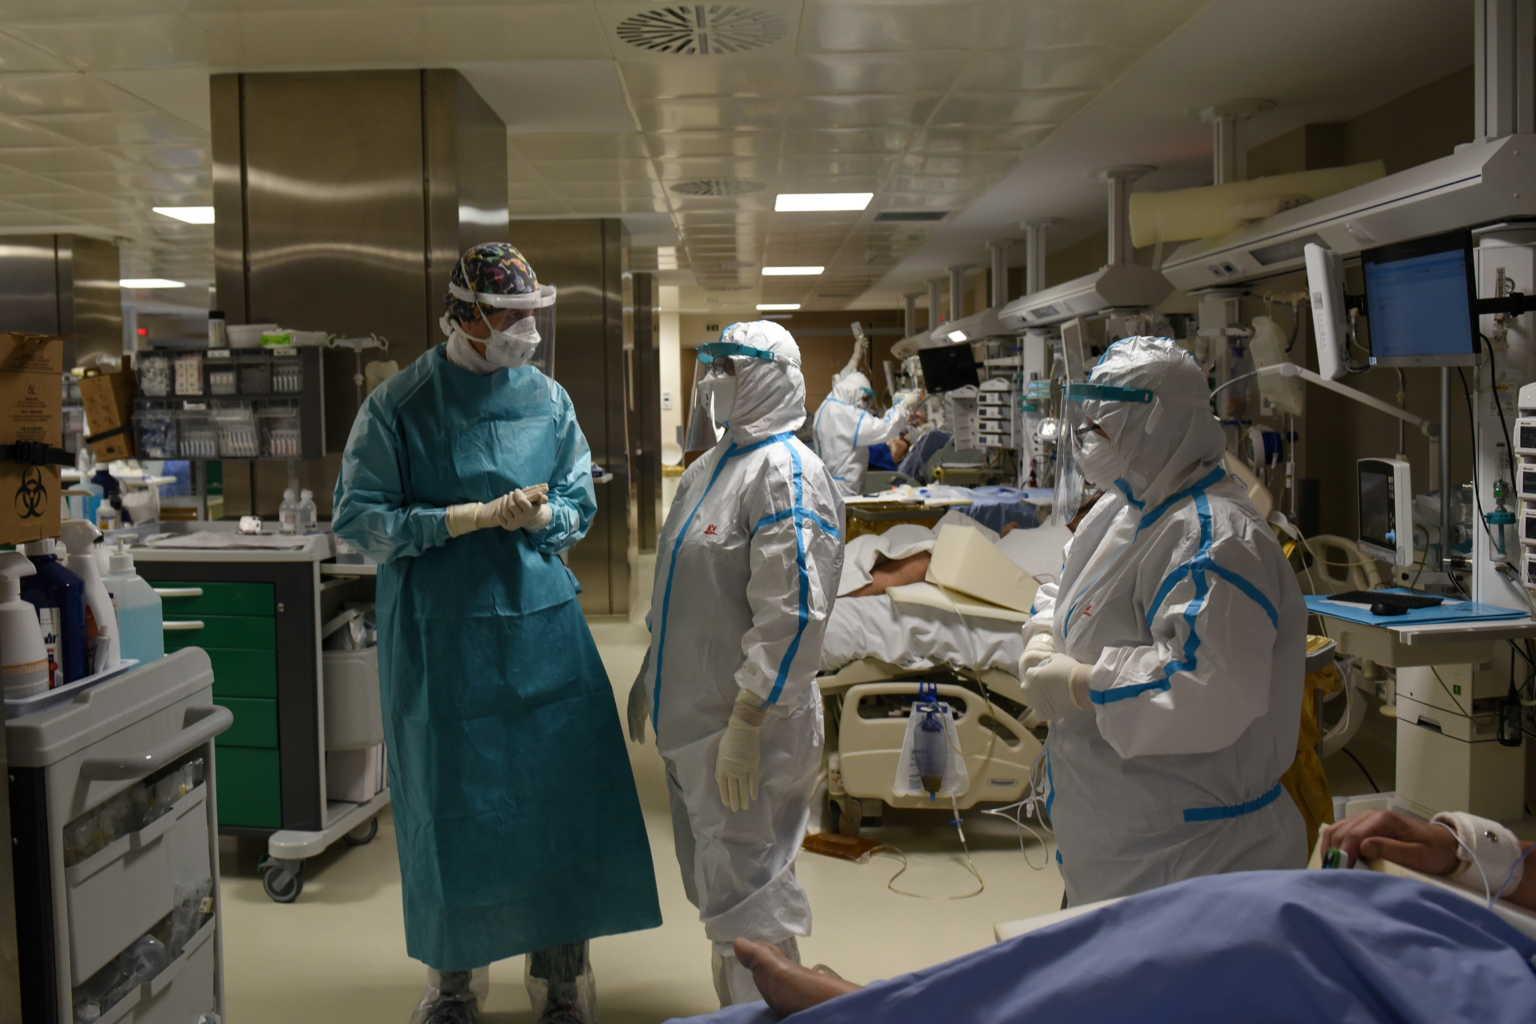 """Κορονοϊός - Θεσσαλονίκη: """"Χάνουμε ασθενείς πριν προλάβει να τους δει  γιατρός"""" Τραγική η κατάσταση στα νοσοκομεία - Iatropedia"""